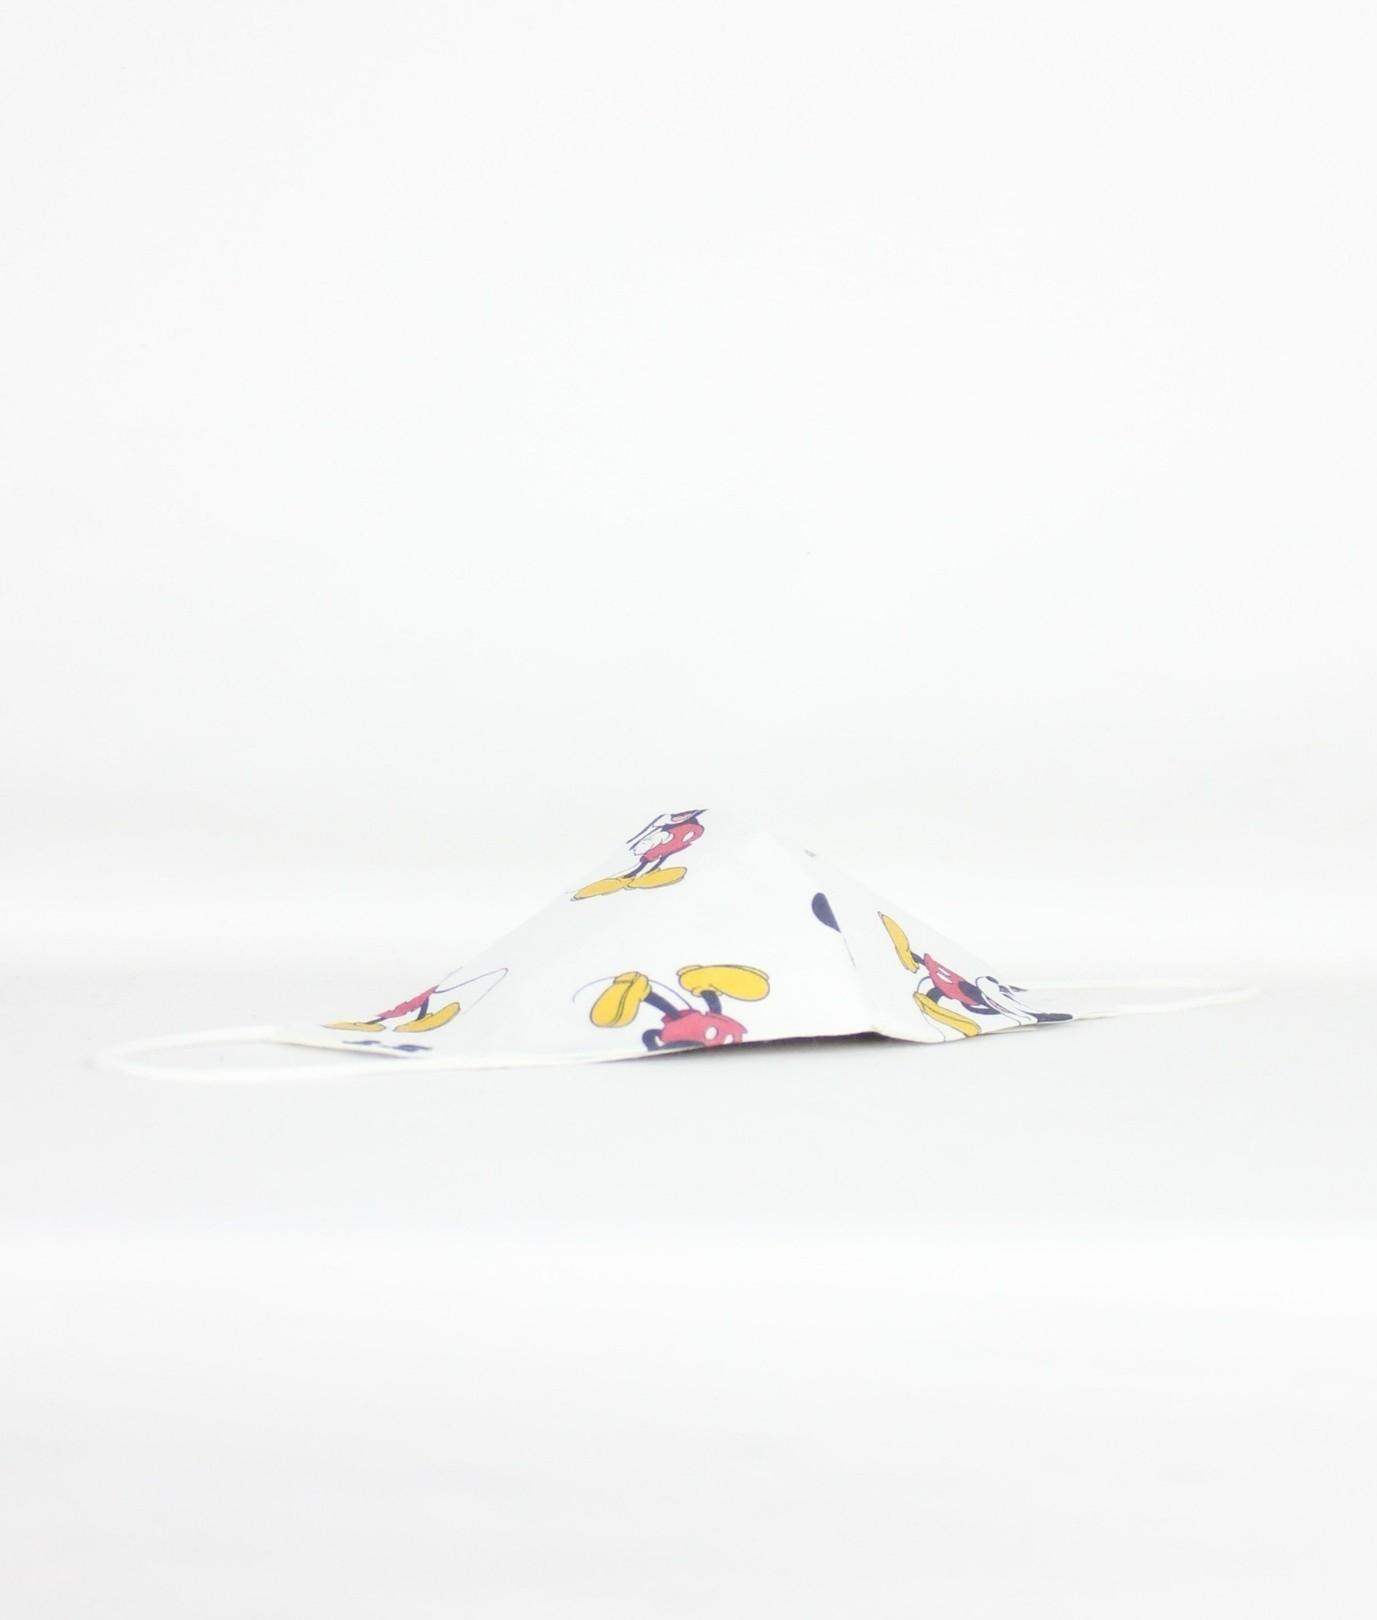 Mascara Yesitex - Infantil AU